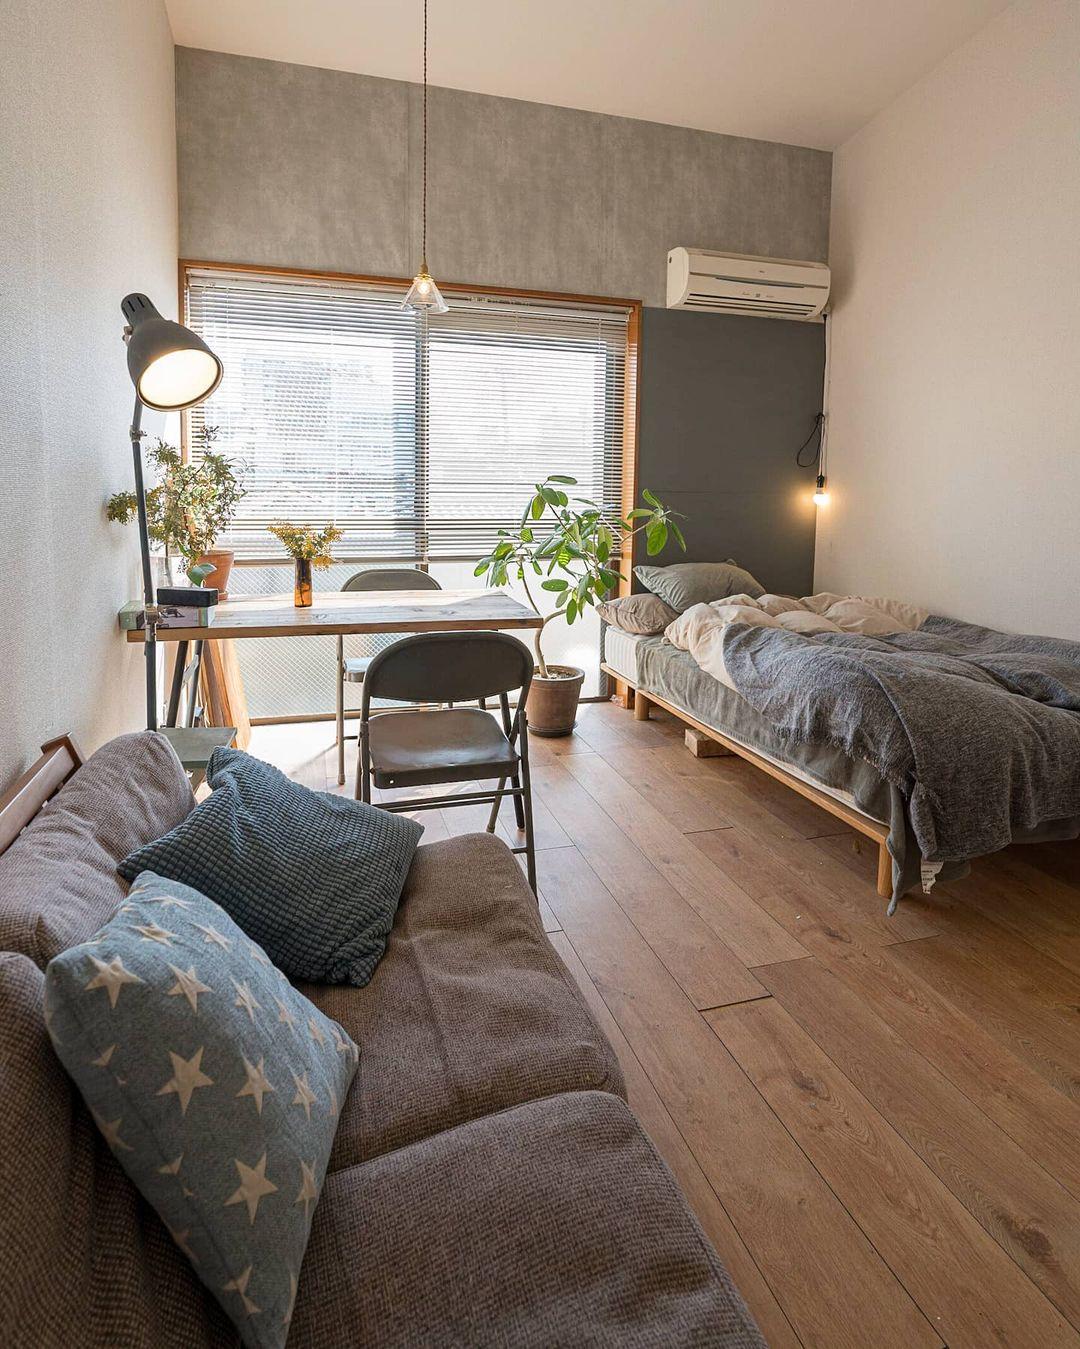 現在の配置では、ベッドとデスクをベランダの近くに、手前にはソファを置いて、「1日の終わりにゆっくりできる場所」を作っています